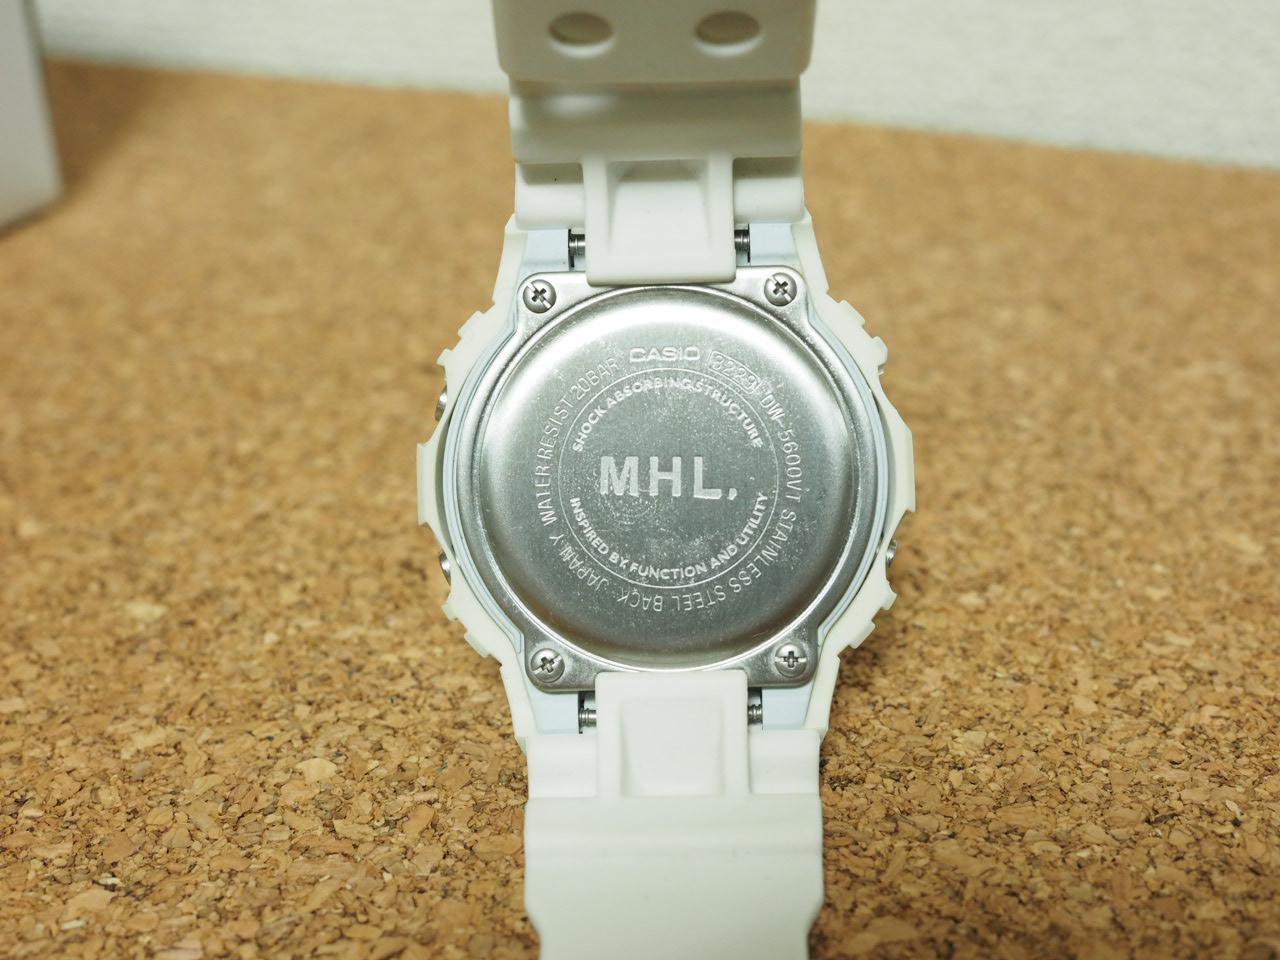 competitive price a3312 73b35 MHL×G-SHOCKコラボ(白)を購入して半年のレビュー 夏フェスおすすめ